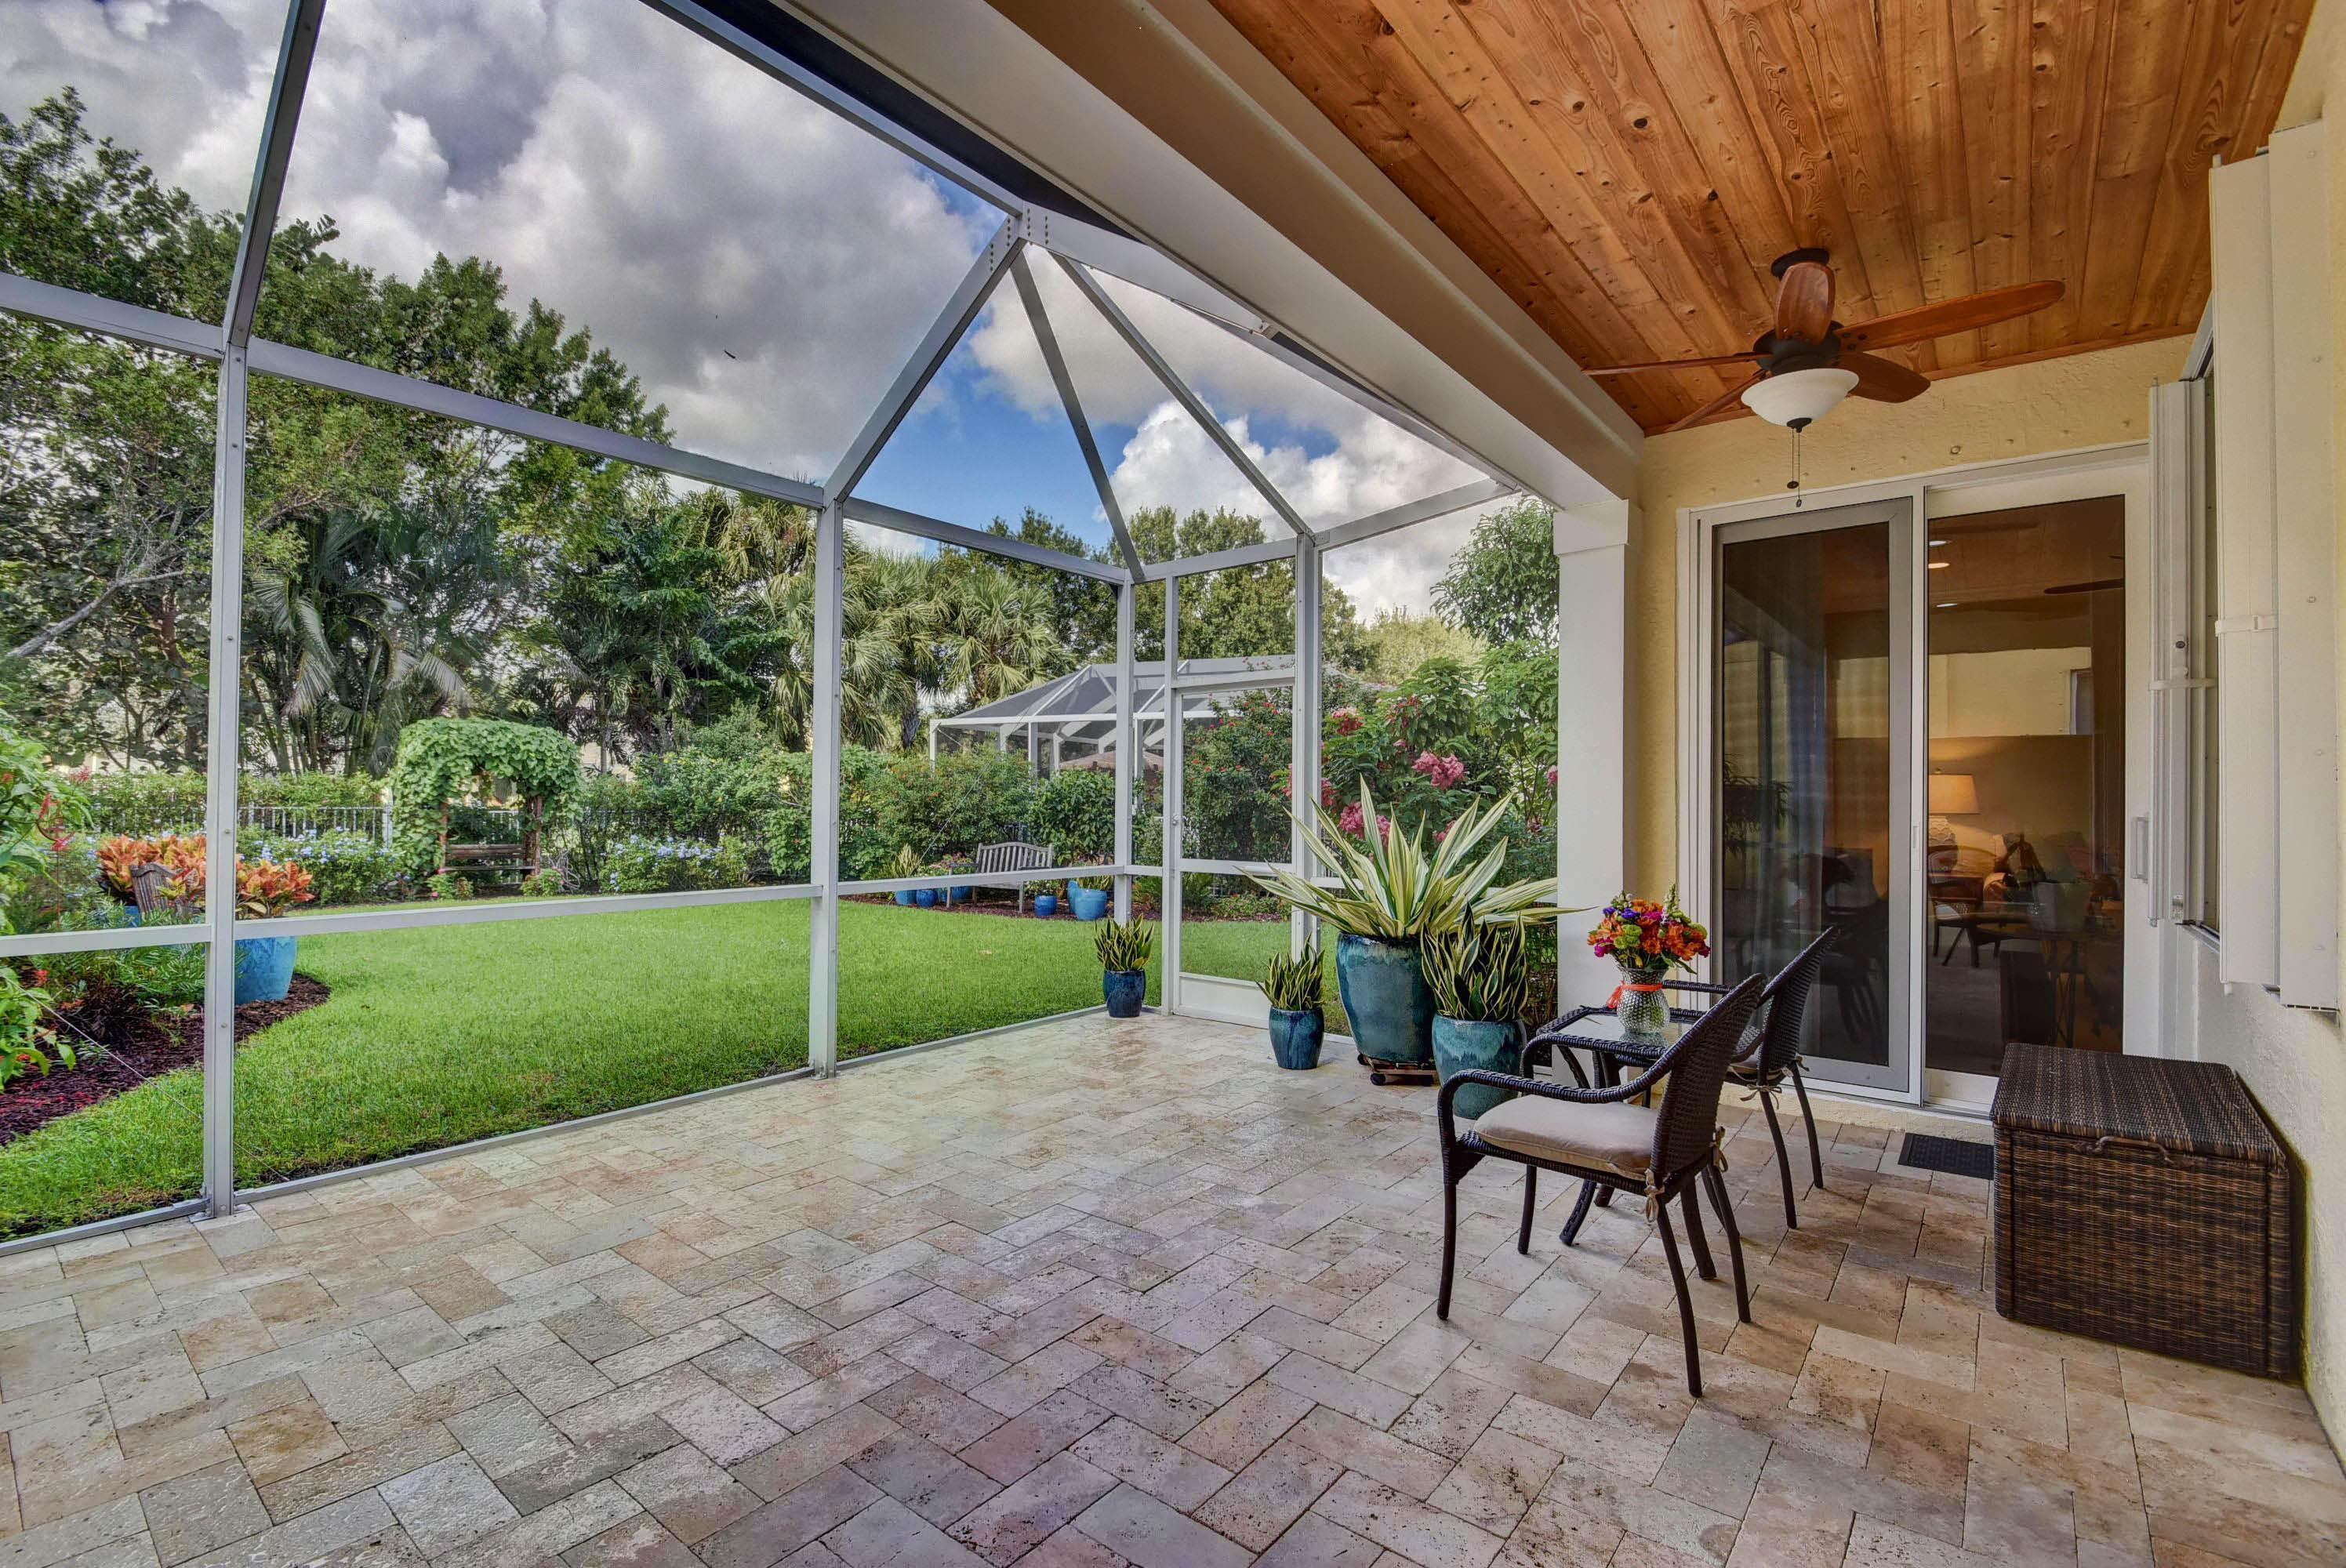 270 Kensington Way Royal Palm Beach, FL 33414 photo 35